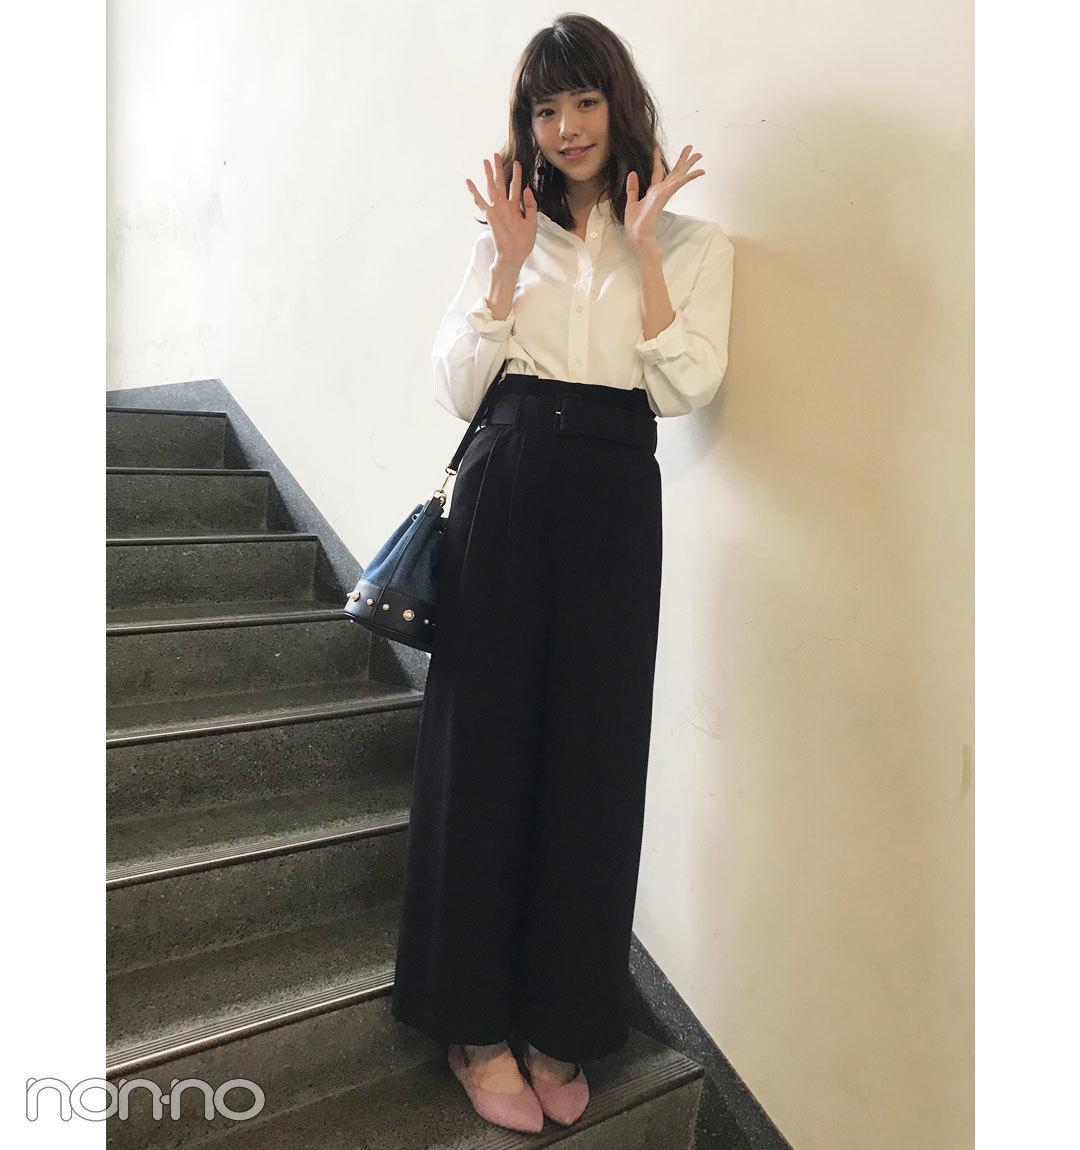 鈴木優華の大人っぽシャツコーデ【毎日コーデ】_1_1